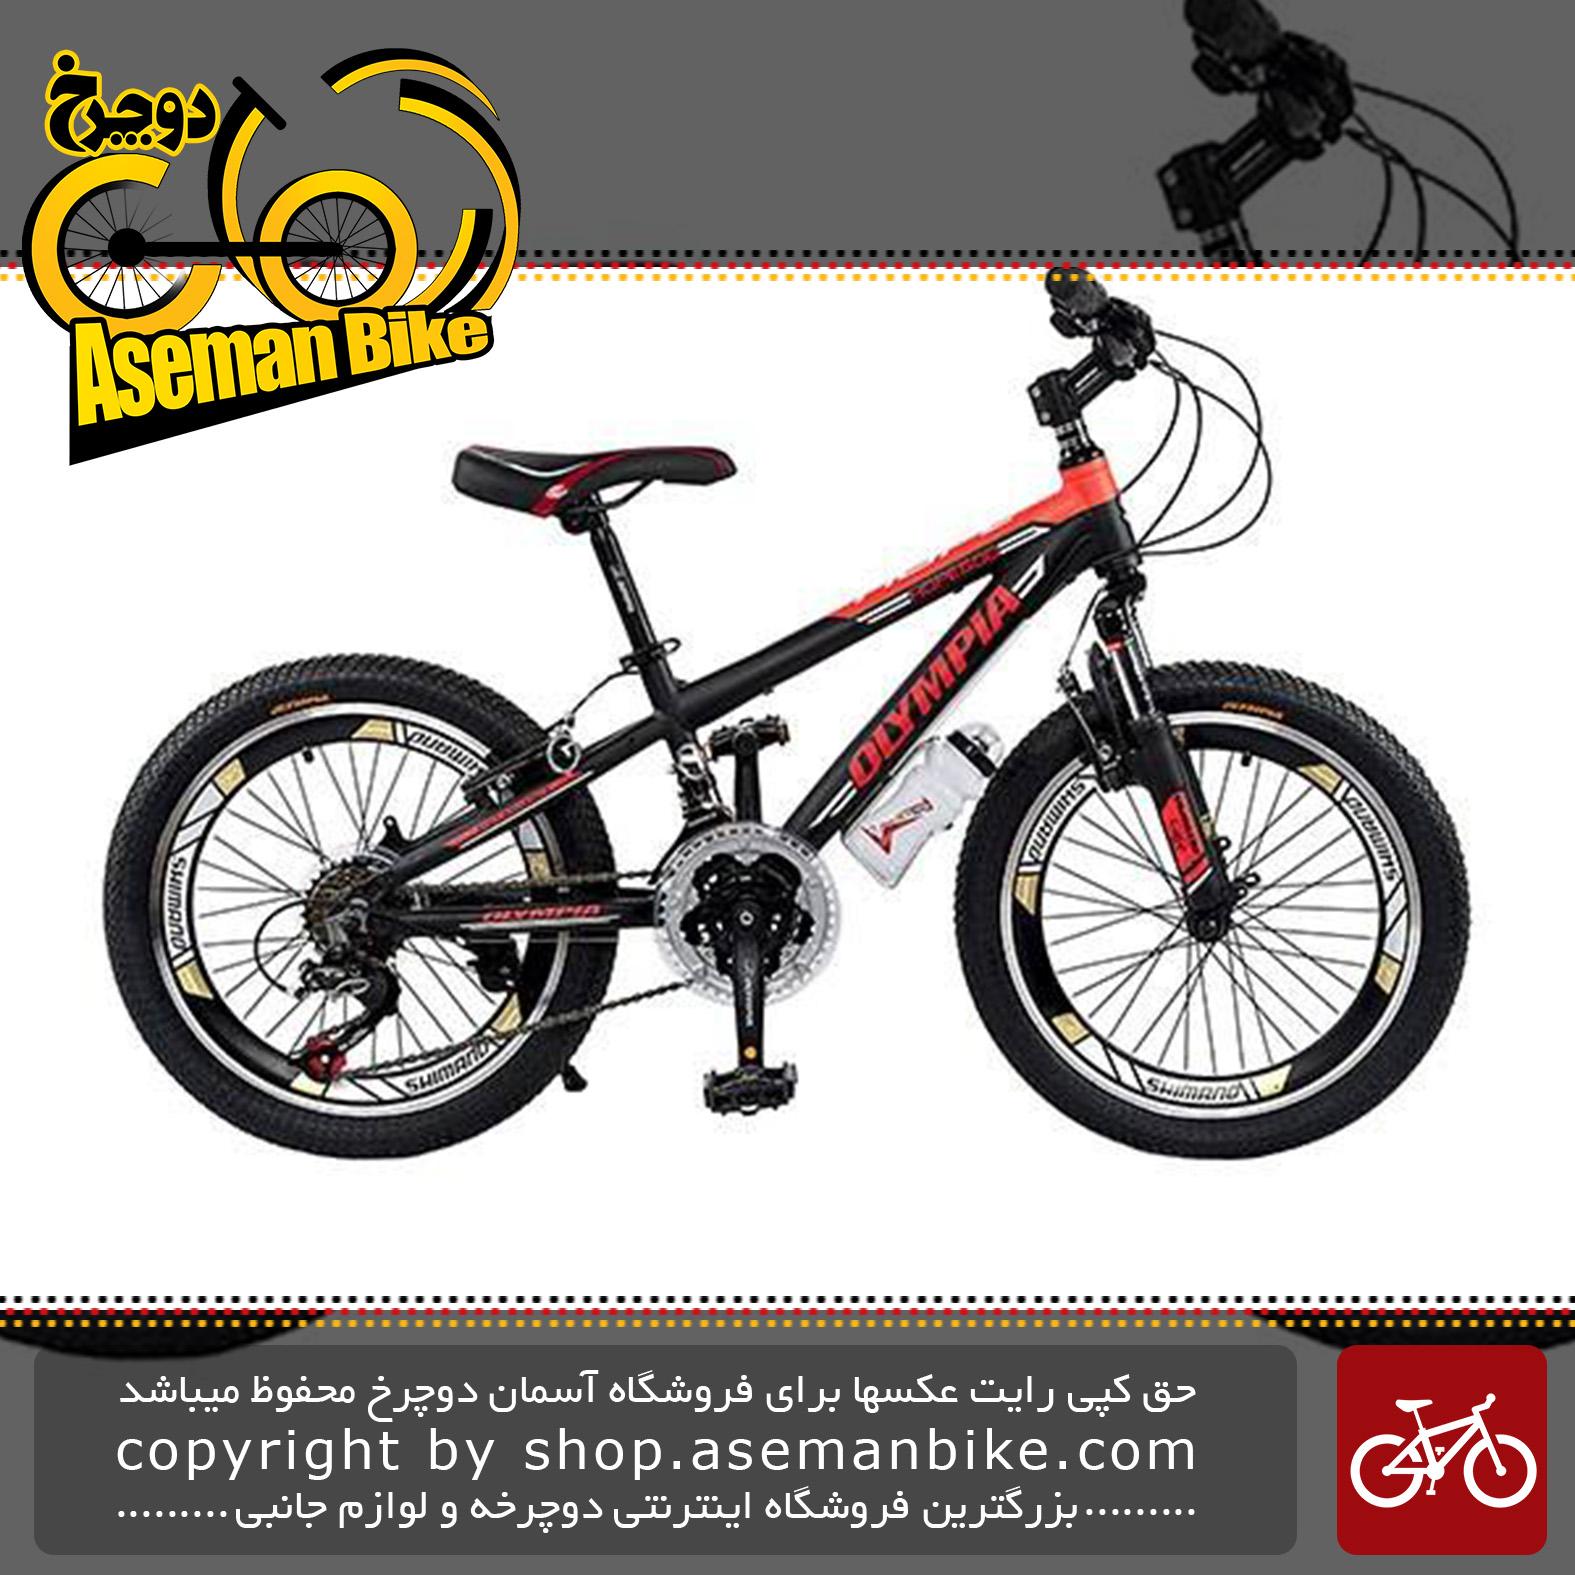 دوچرخه کوهستان الیمپیا مدل Hope سایز 20 - سایز فریم 20 Olympia Hope Mountain Bicycle Size 20 - Frame Size 20